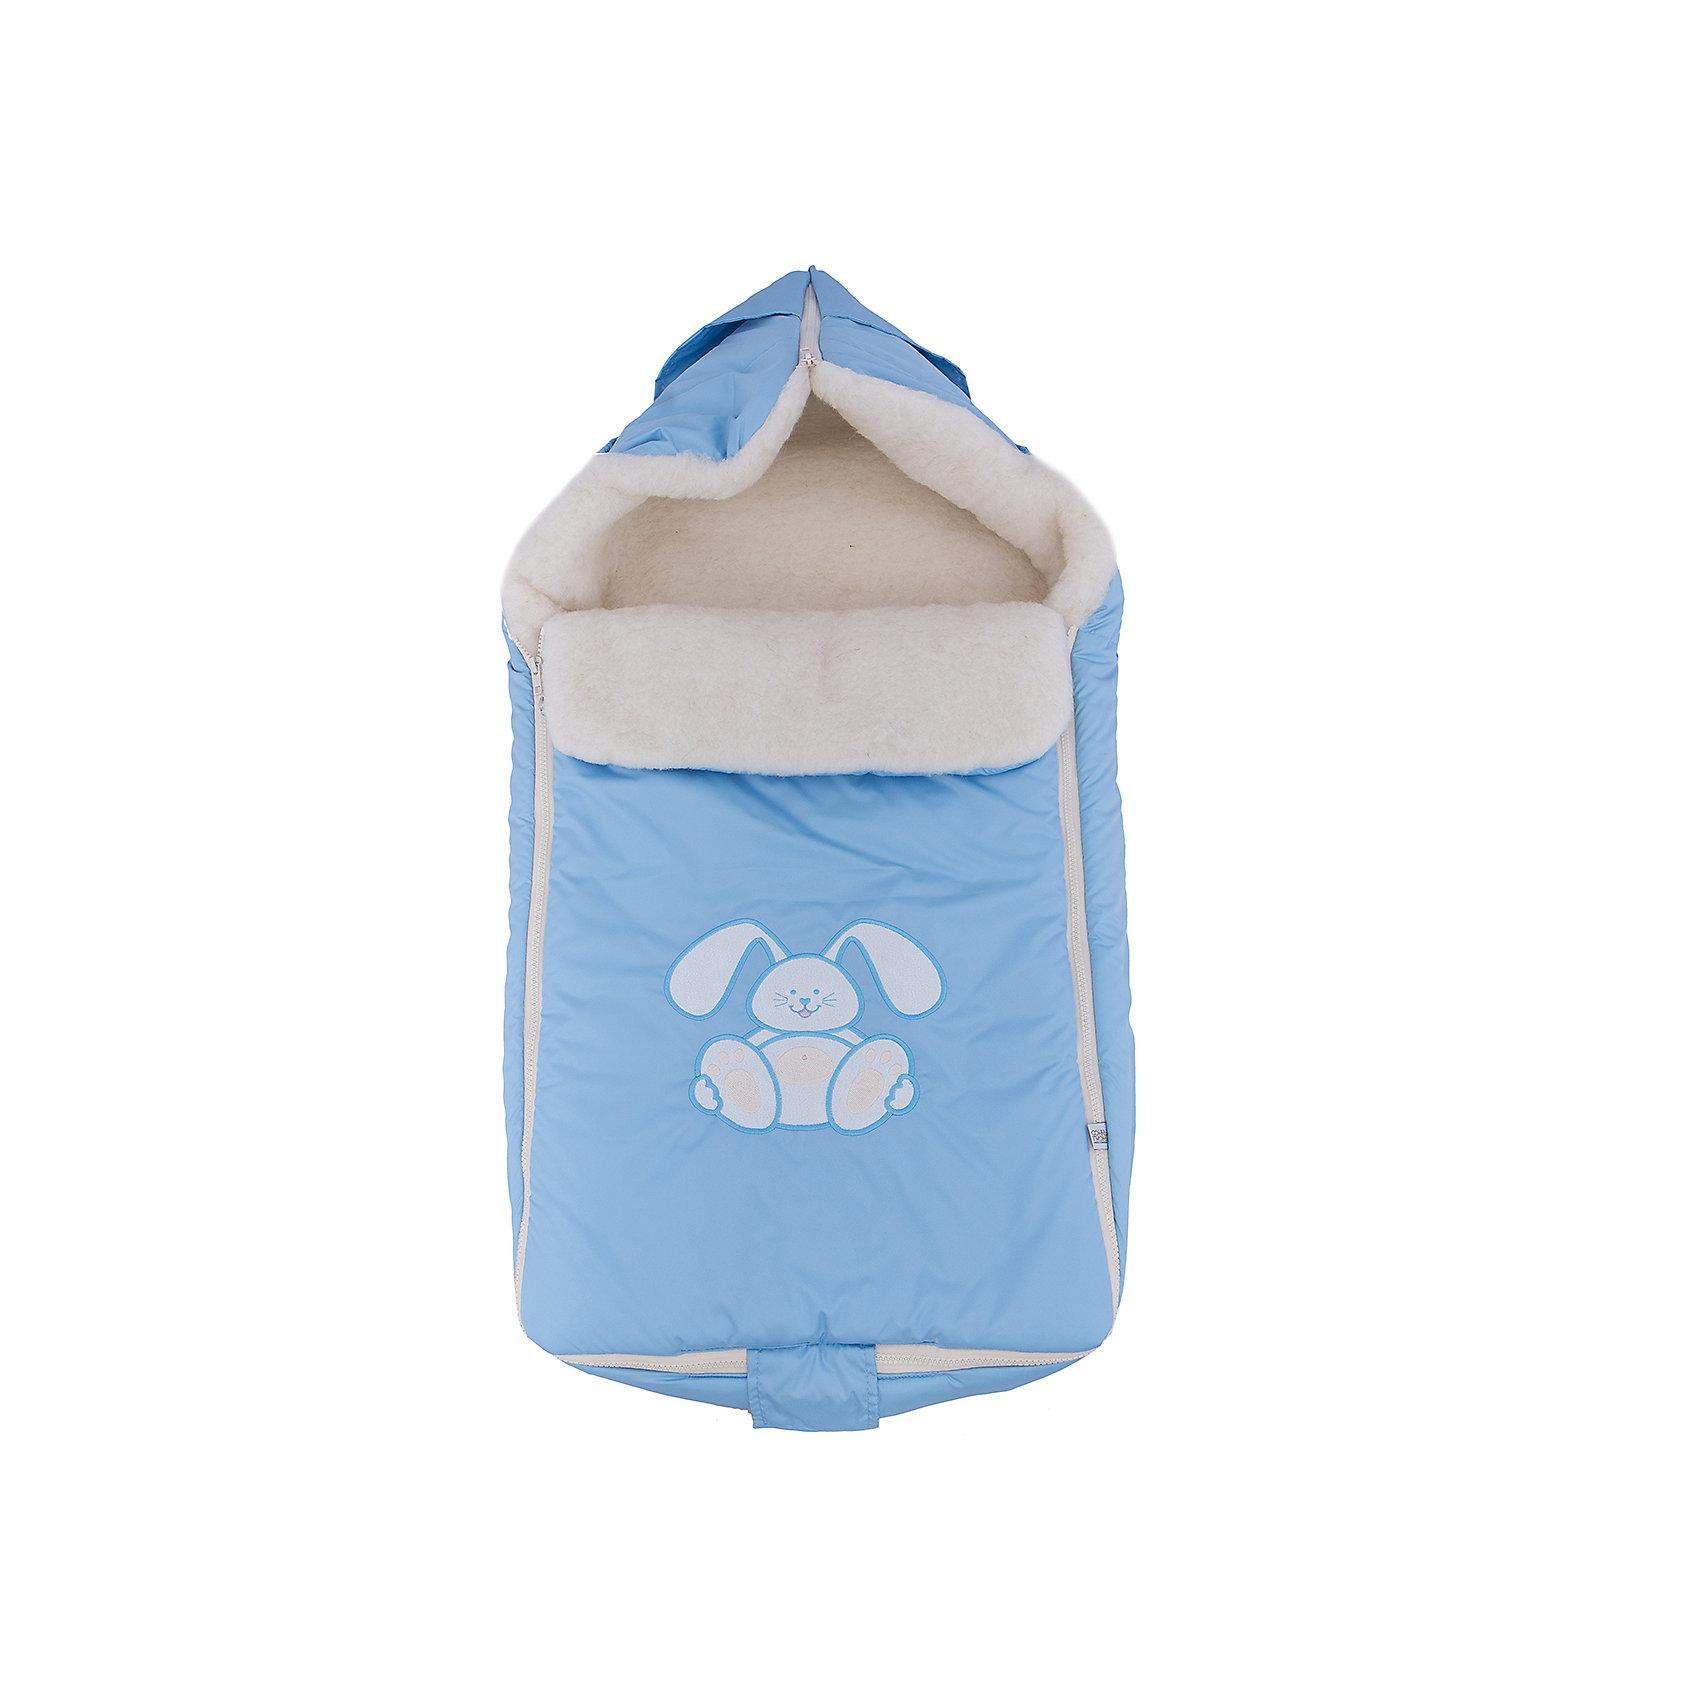 Конверт меховой Зайчик, Сонный гномик, голубойЗимние конверты<br>Характеристики:<br><br>• Вид детского текстиля: конверт<br>• Предназначение: для прогулки, на выписку<br>• Сезон: зима<br>• Форма конверта: мешок<br>• Утеплитель: шелтер, 200 г/кв.м<br>• Степень утепления: высокая<br>• Температурный режим: от 0? С до -20? С<br>• Пол: для мальчика<br>• Тематика рисунка: зайчонок<br>• Материал: дюспо (100% полиэстер); натуральная овечья шерсть<br>• Цвет: голубой, белый<br>• Размеры: 45*80 см<br>• По бокам имеются застежки-молнии<br>• Застежка-молния на капюшоне<br>• Вес в упаковке: 740 г<br>• Особенности ухода: допускается щадящая химчистка или деликатная стирка <br><br>Конверт меховой Зайчик, Сонный гномик, голубой от отечественного торгового бренда изготовлен с учетом международных требований к качеству и безопасности товаров для детей. Верх изделия выполнен из 100% полиэстера, который отличается повышенными водоотталкивающими и непродуваемыми свойствами. Высокую степень утепления обеспечивает гипоаллергенный шелтер и натуральная овечья шерсть. Конверт выполнен в форме мешка, для удобства одевания по бокам предусмотрены застежки-молнии. Капюшон формируется молнией, на передней полочке предусмотрен отворот, который при необходимости защищает личико малыша от ветра и холодного воздуха. Изделие выполнено в ярком дизайне: ярко голубой фон, на котором по центру расположена аппликация милого зайчонка.<br><br>Конверт меховой Зайчик, Сонный гномик, голубой можно купить в нашем интернет-магазине.<br><br>Ширина мм: 600<br>Глубина мм: 80<br>Высота мм: 450<br>Вес г: 700<br>Возраст от месяцев: 0<br>Возраст до месяцев: 12<br>Пол: Мужской<br>Возраст: Детский<br>SKU: 4286374